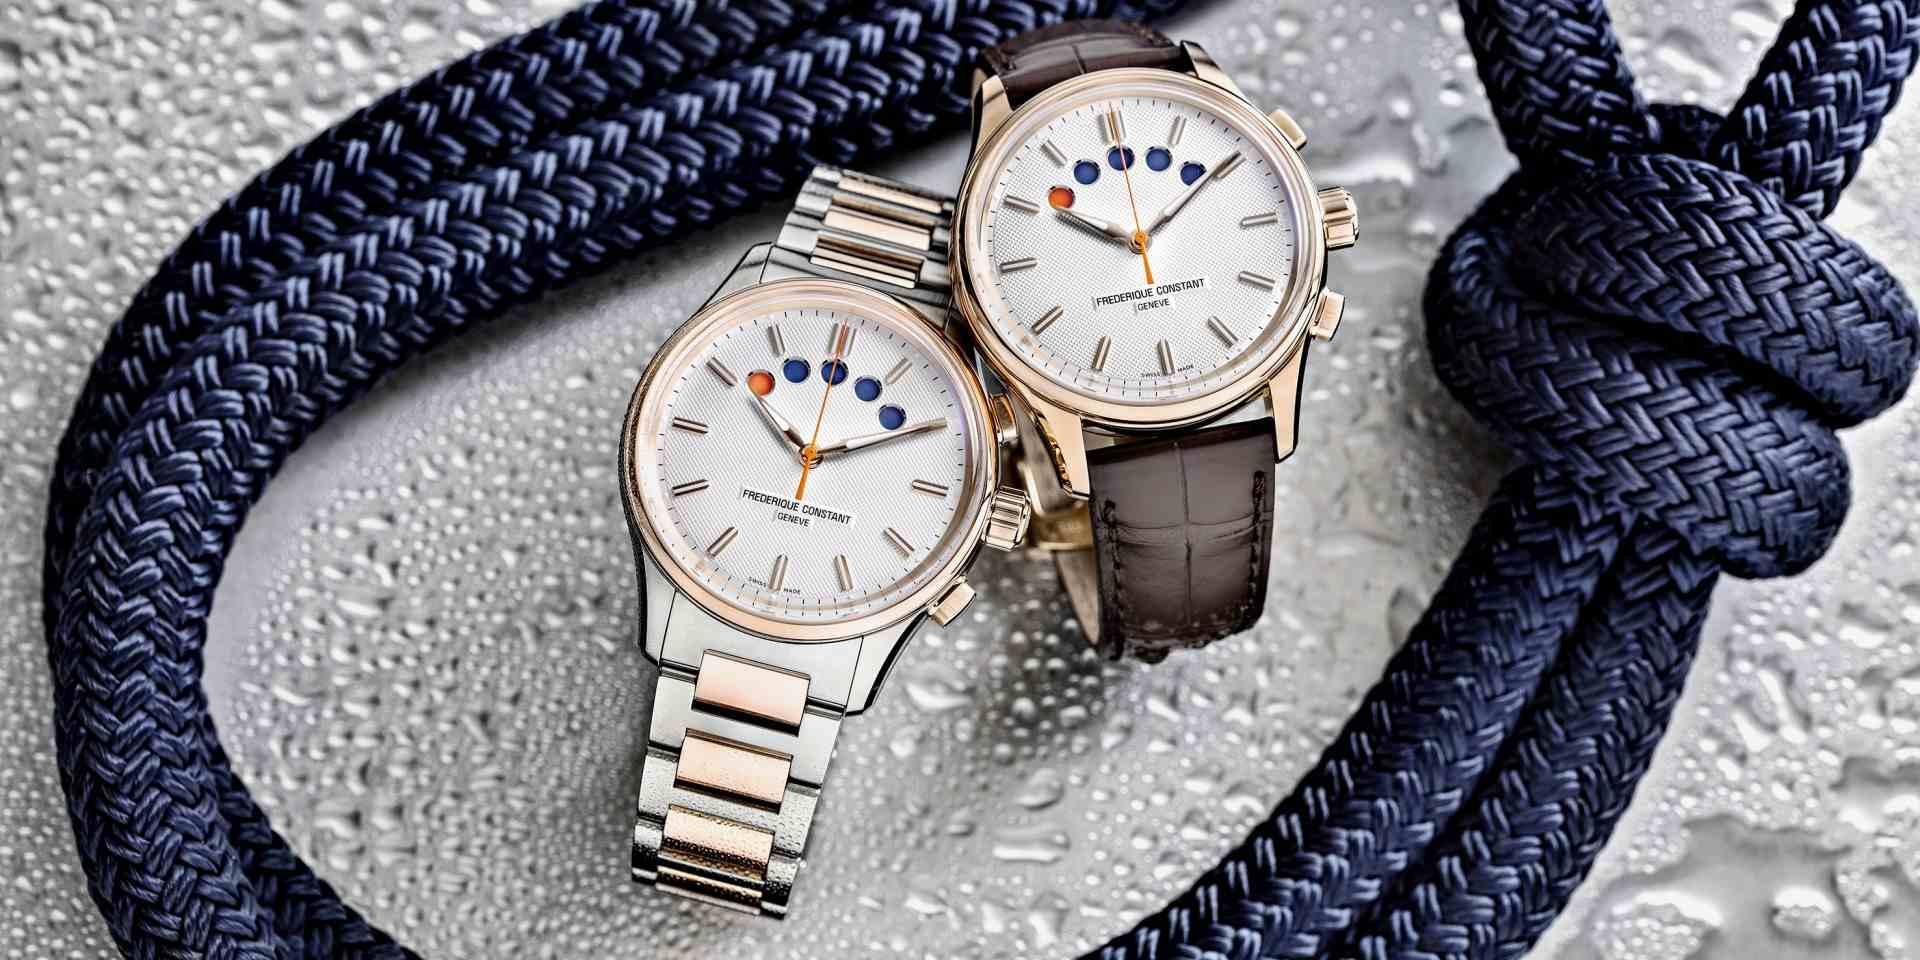 強勢回歸:康斯登 Yacht Timer Regatta Countdown賽艇倒數計時腕錶